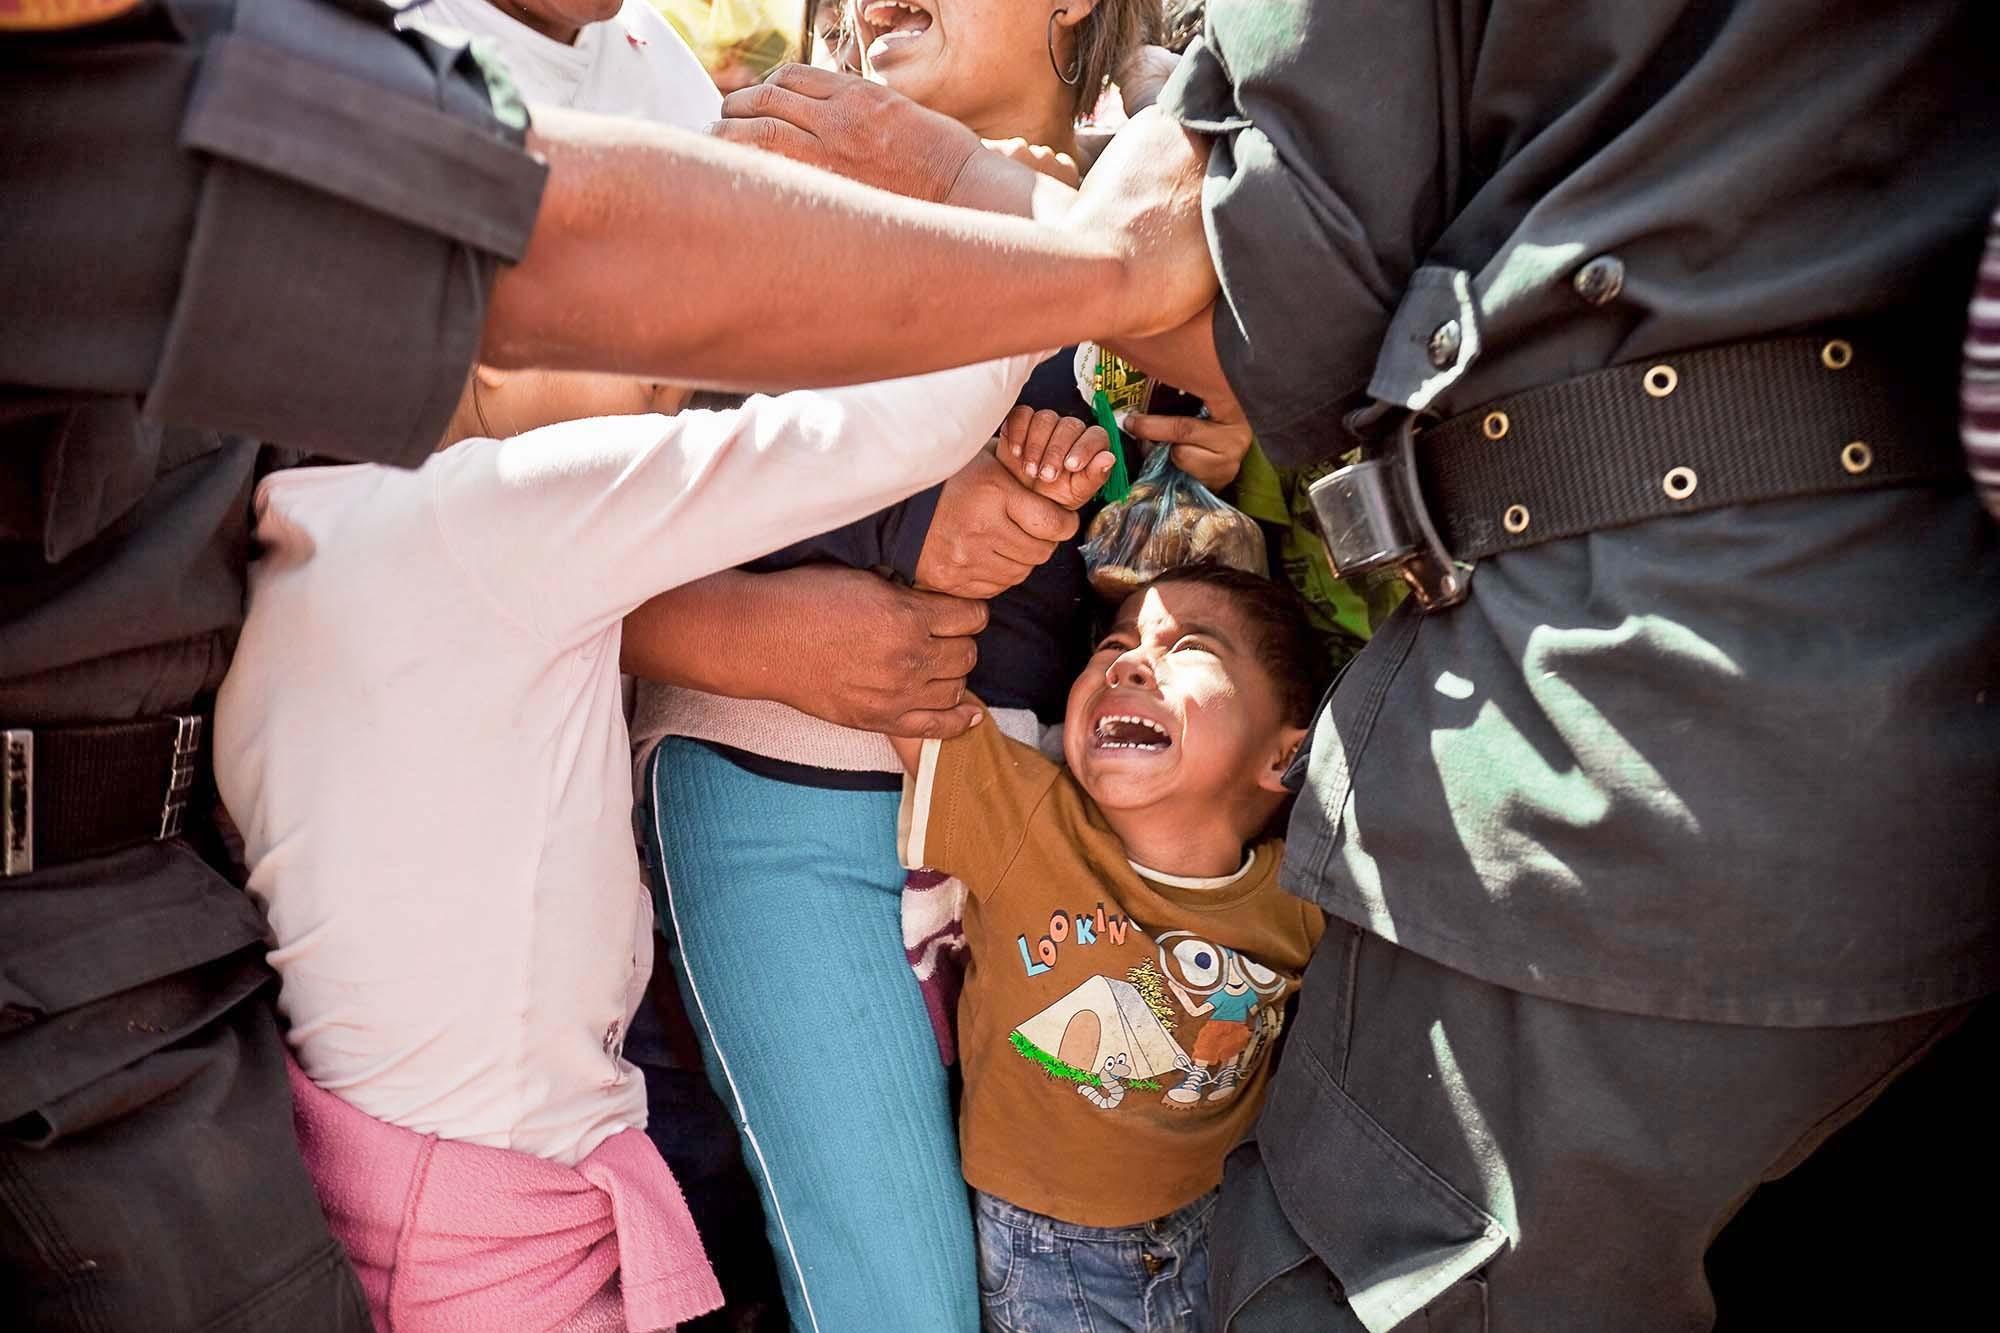 Atrapado en la procesión de la Virgen de Chapi, Arequipa 2009